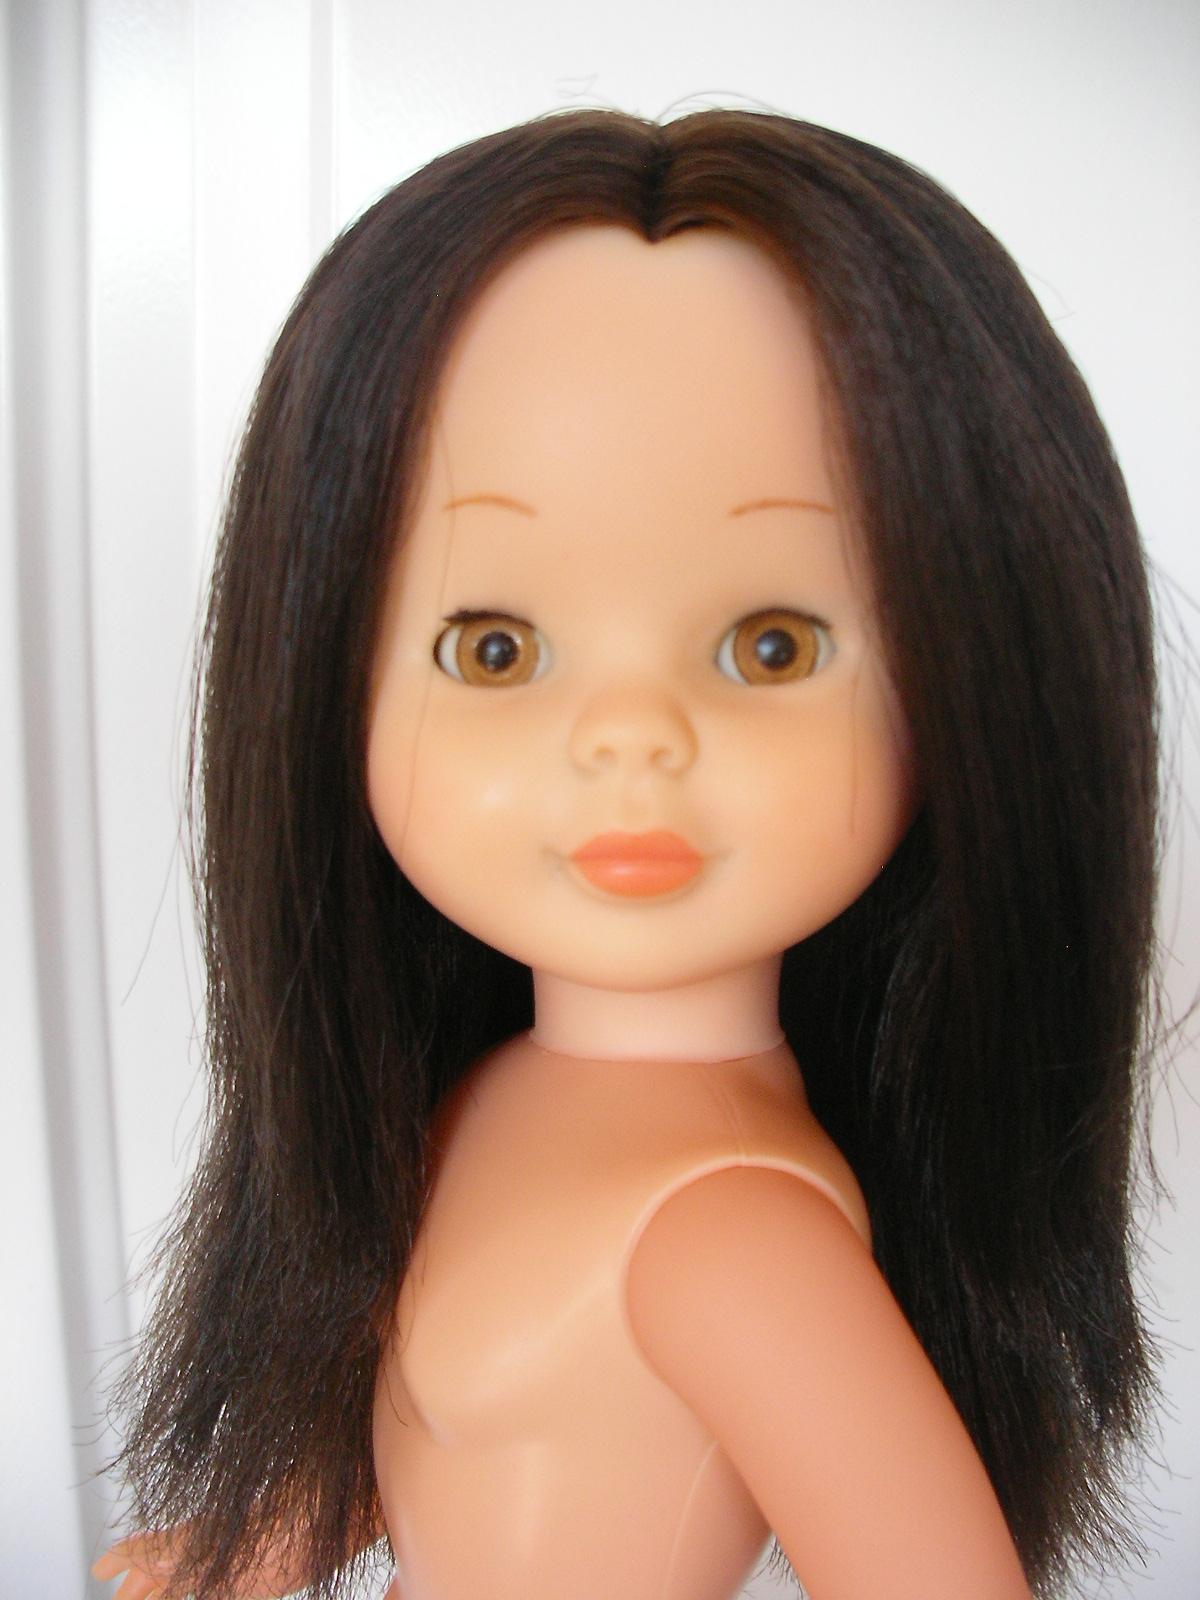 Maquillaje a la rubita - 5 4